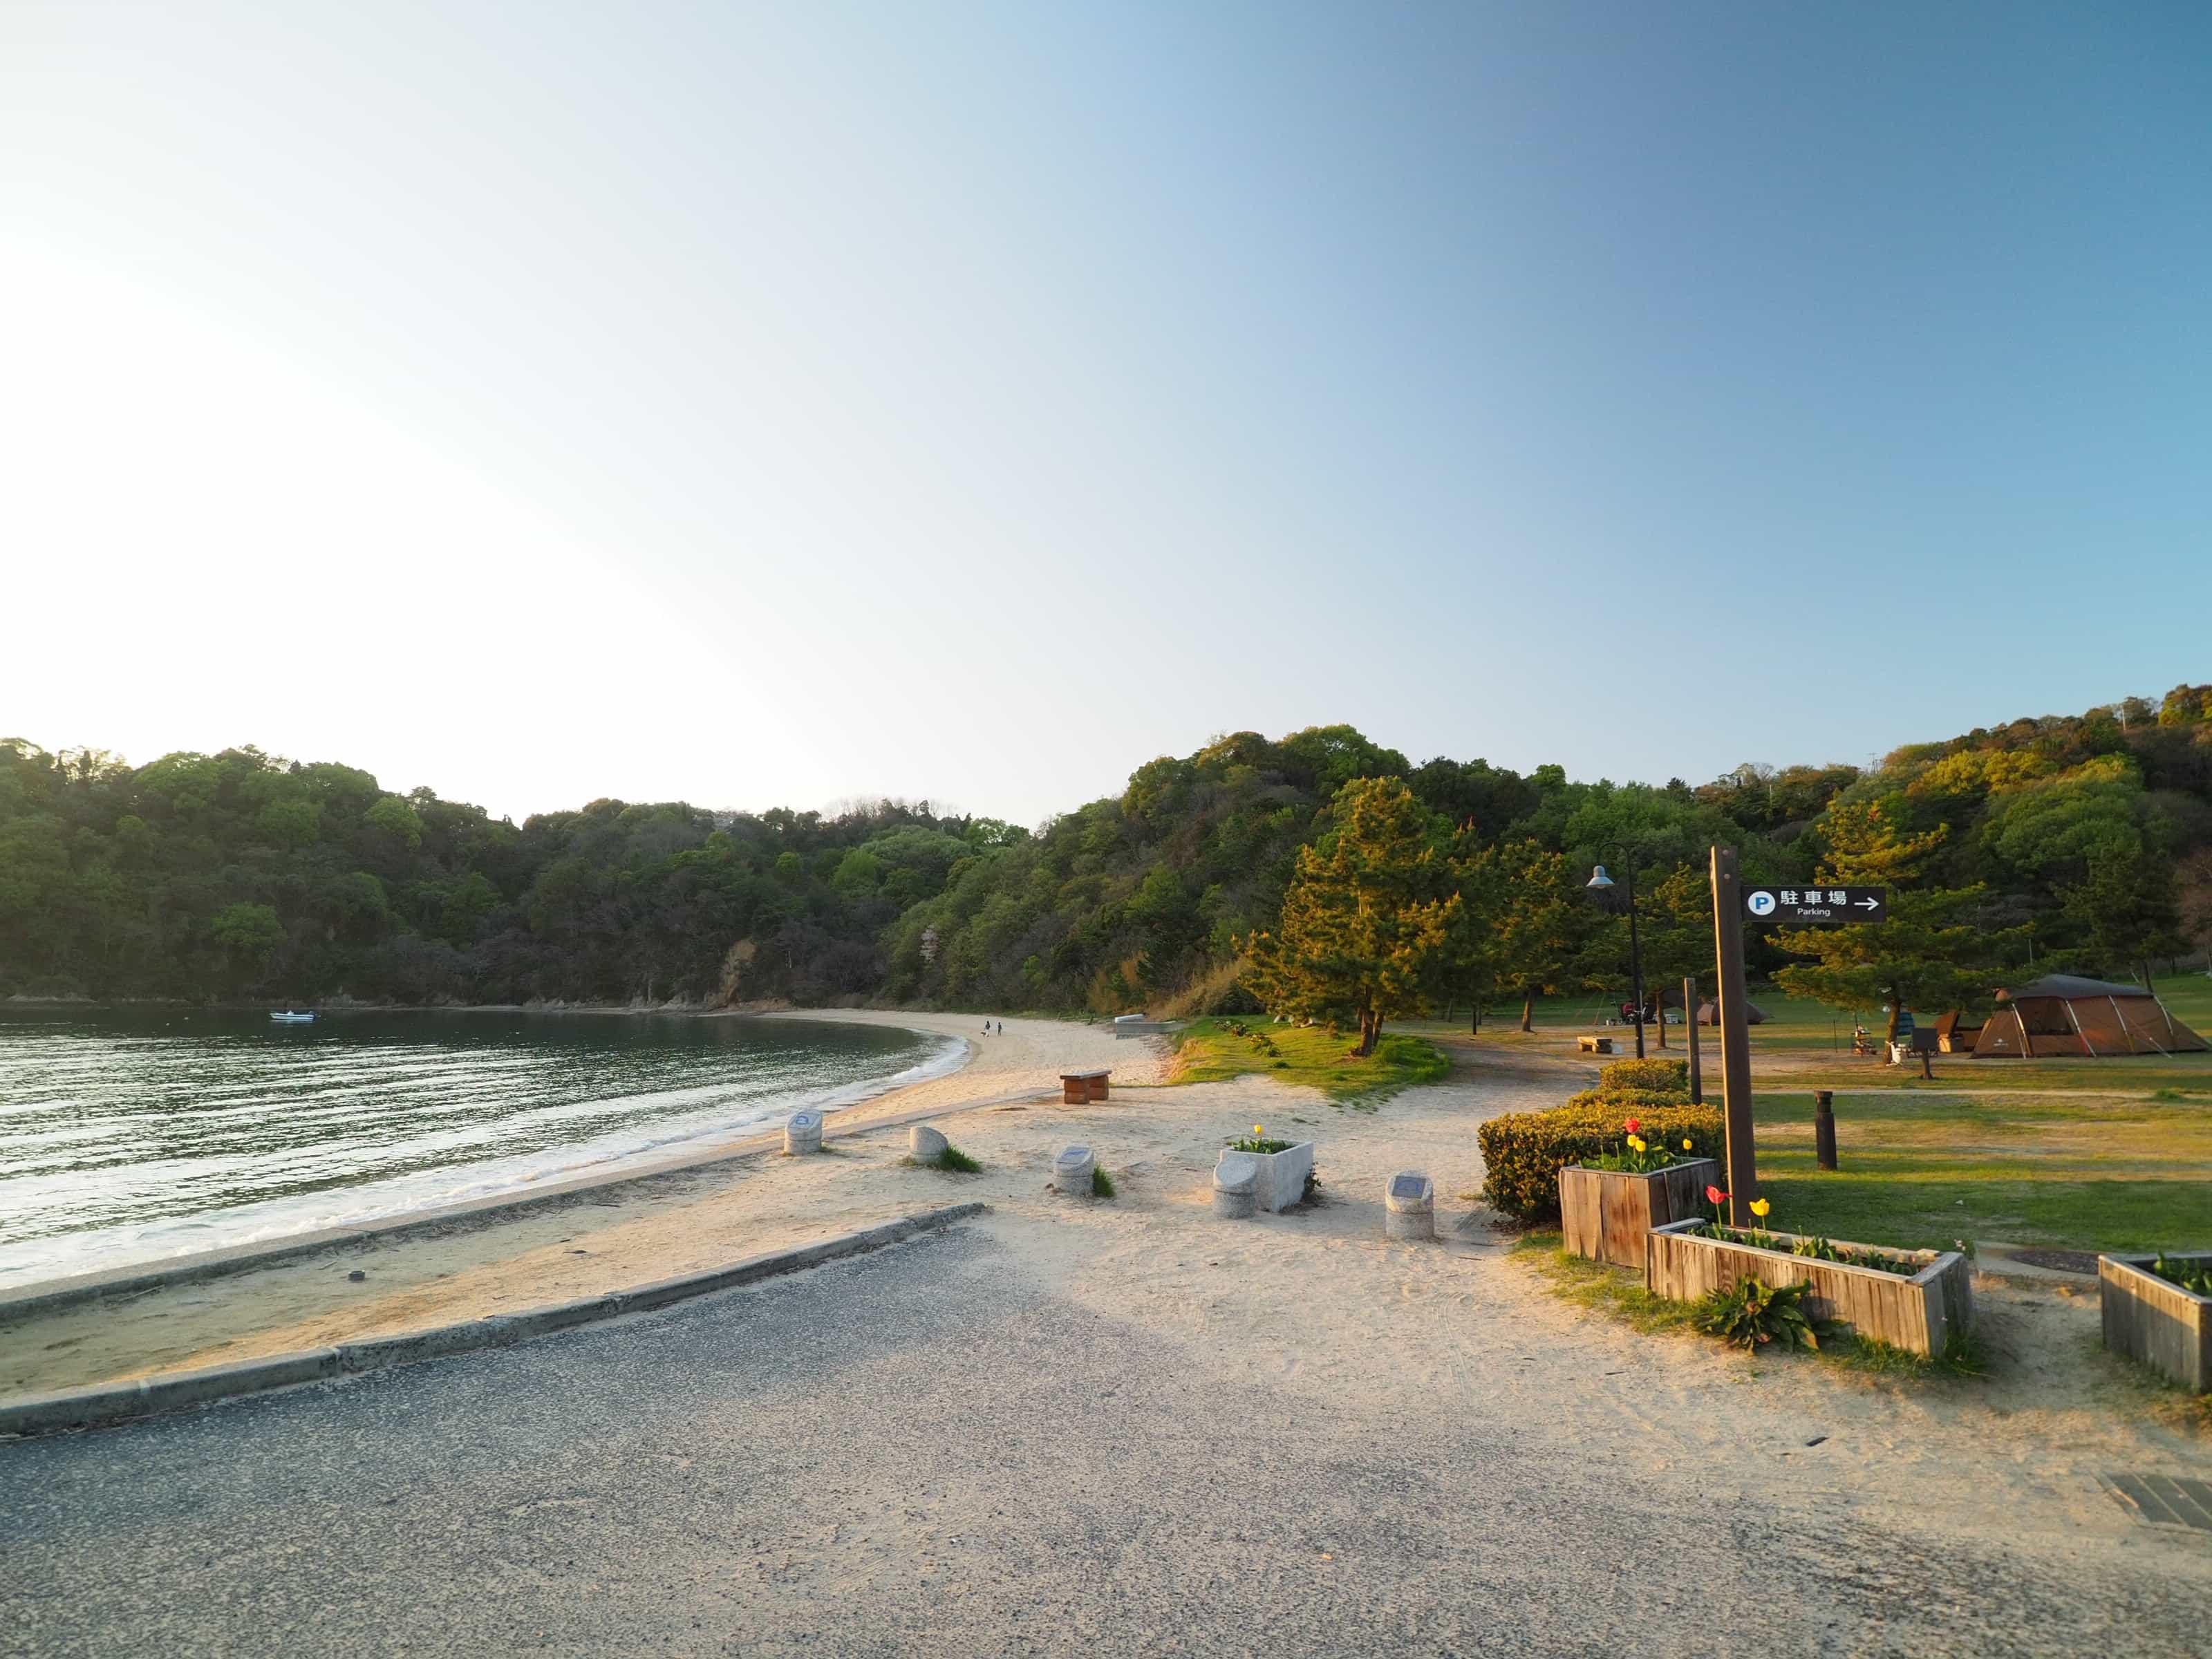 愛媛県「鴨池海岸公園キャンプ場」